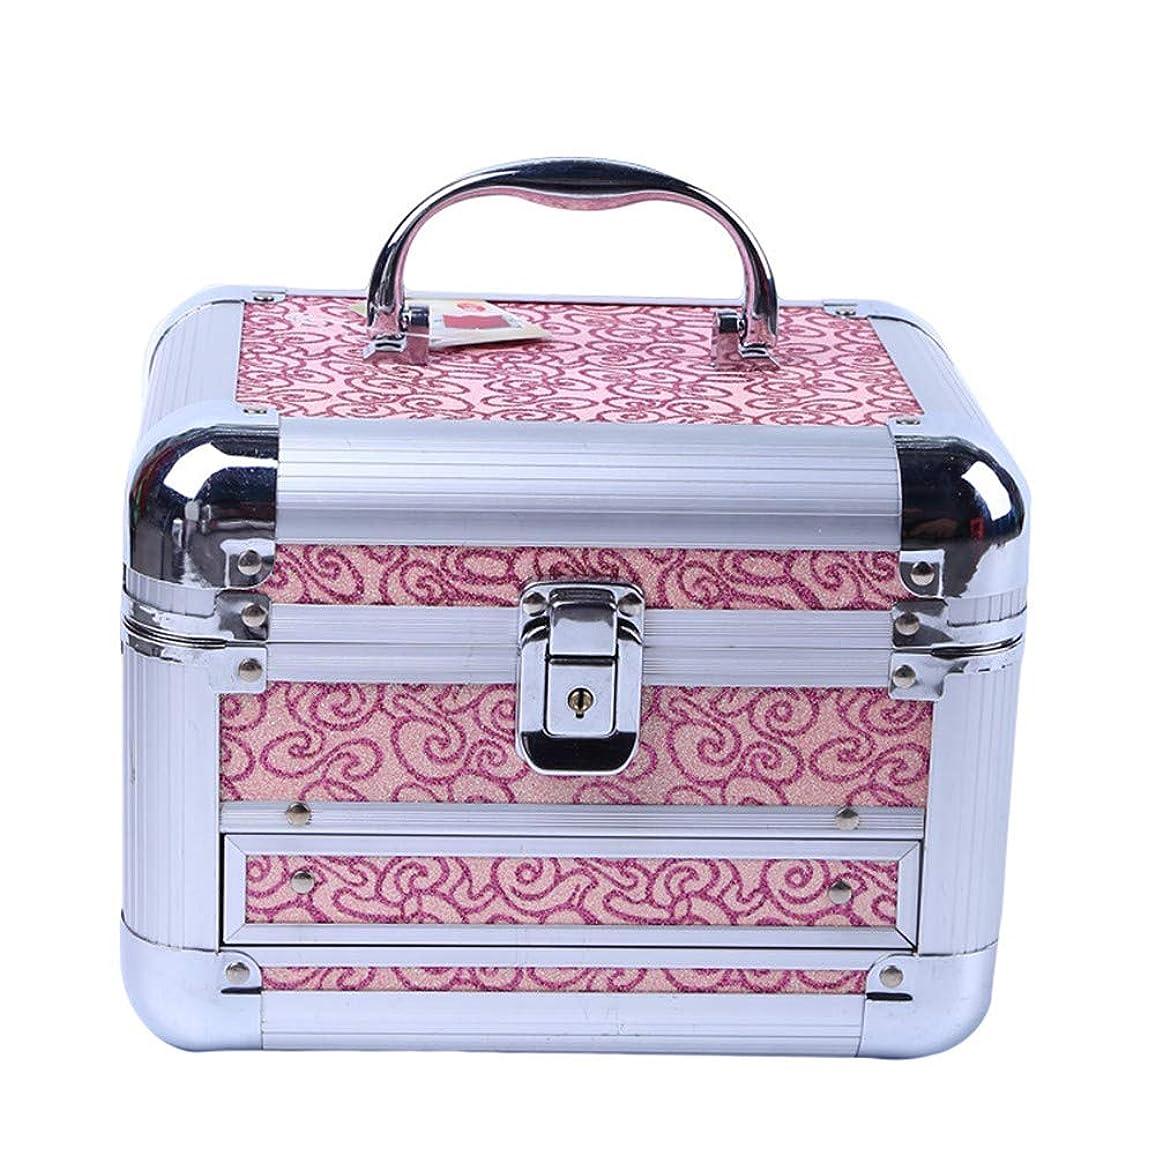 更新金銭的敵化粧オーガナイザーバッグ 美容メイクアップのための大容量ポータブル化粧ケース、女子女性のための化粧鏡と折り畳みトレイと旅行と毎日のストレージ 化粧品ケース